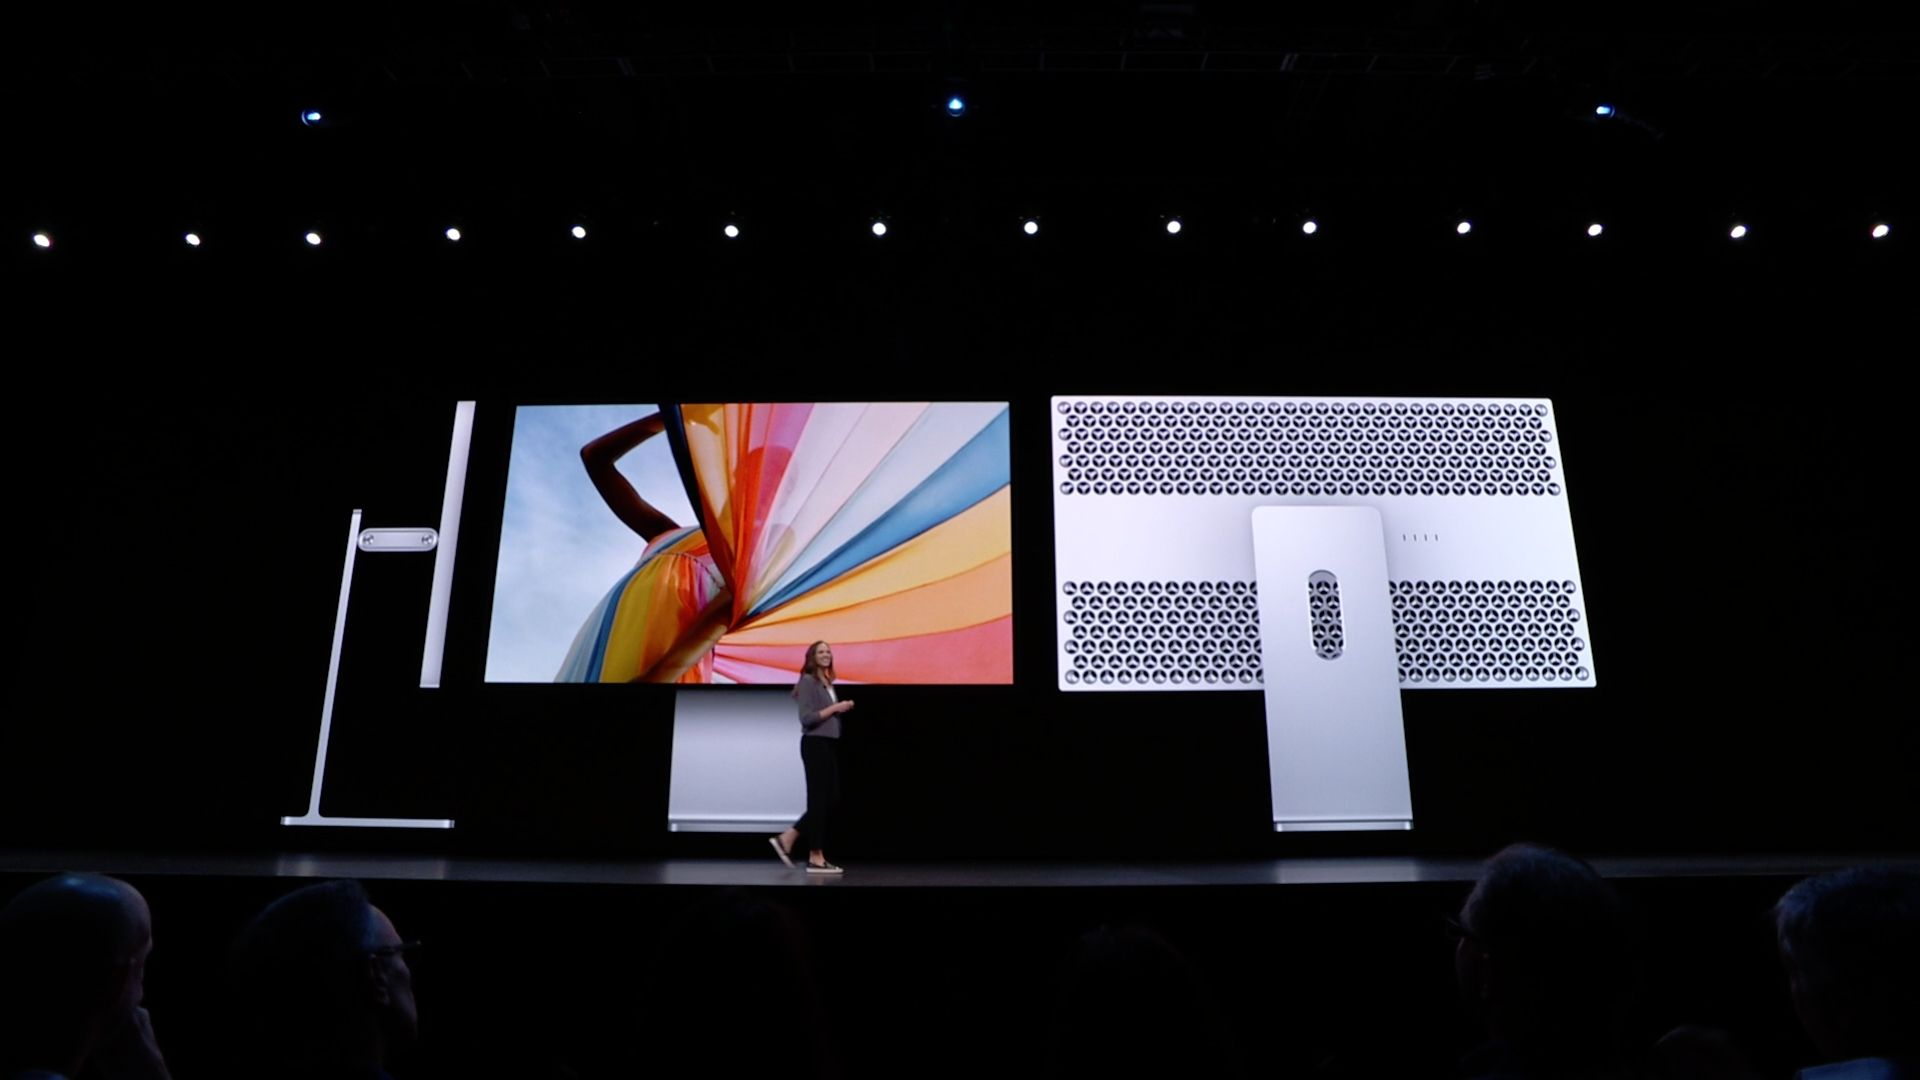 Firma Apple pokazała nowy monitor Pro Display XDR